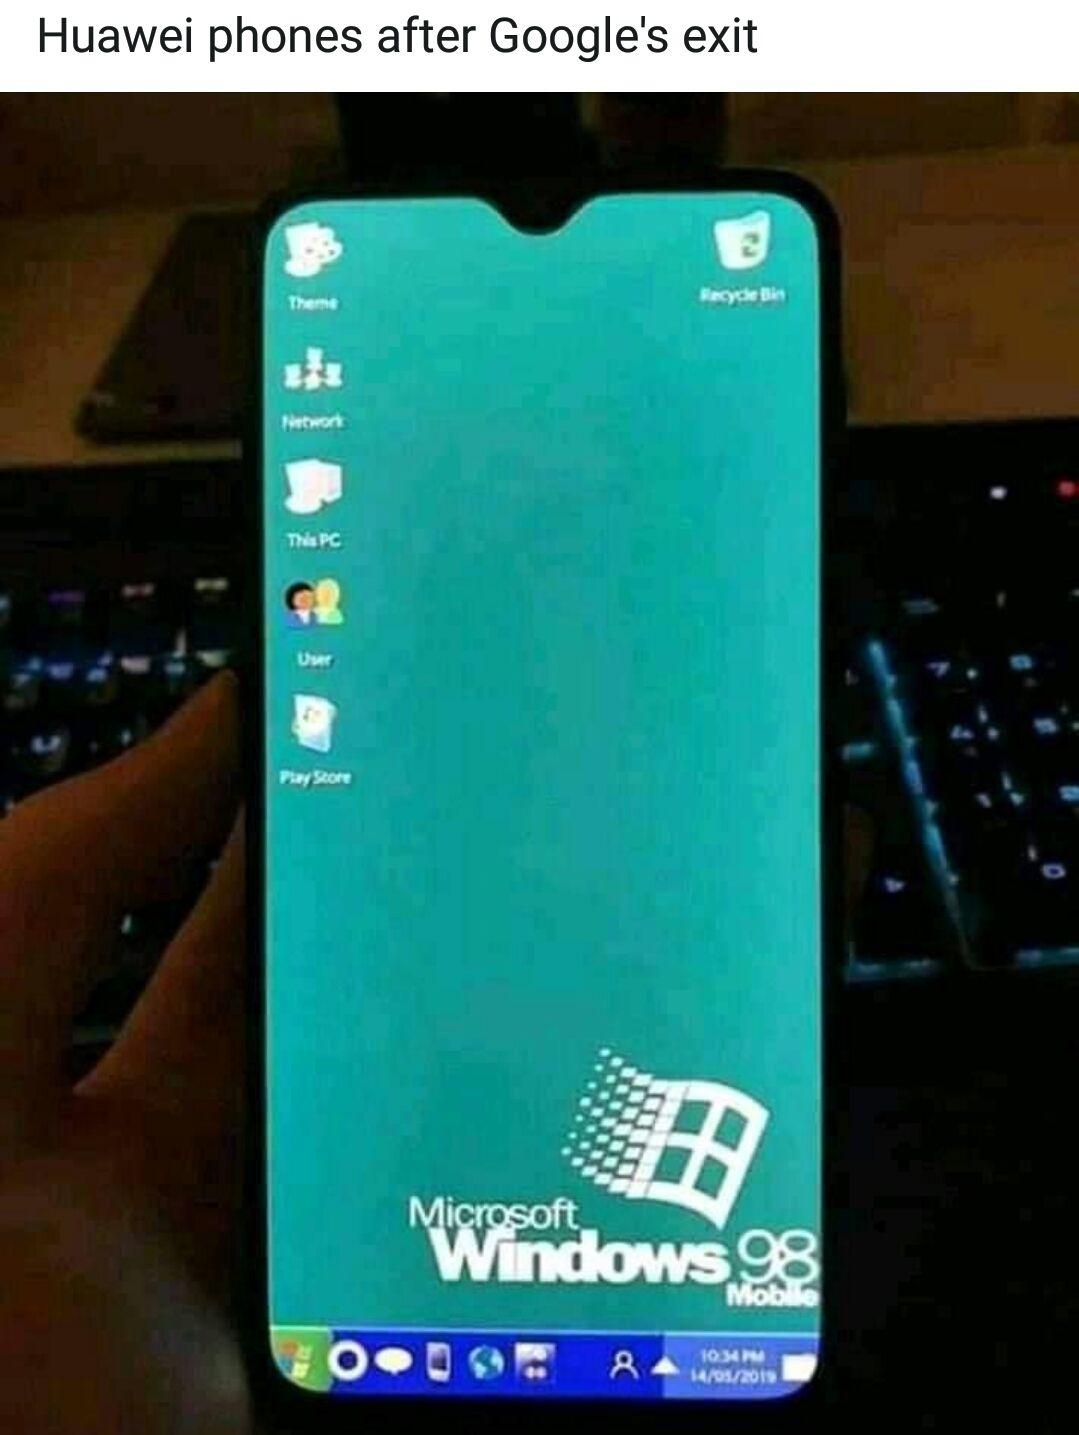 Still not as bad as windows actual mobile os